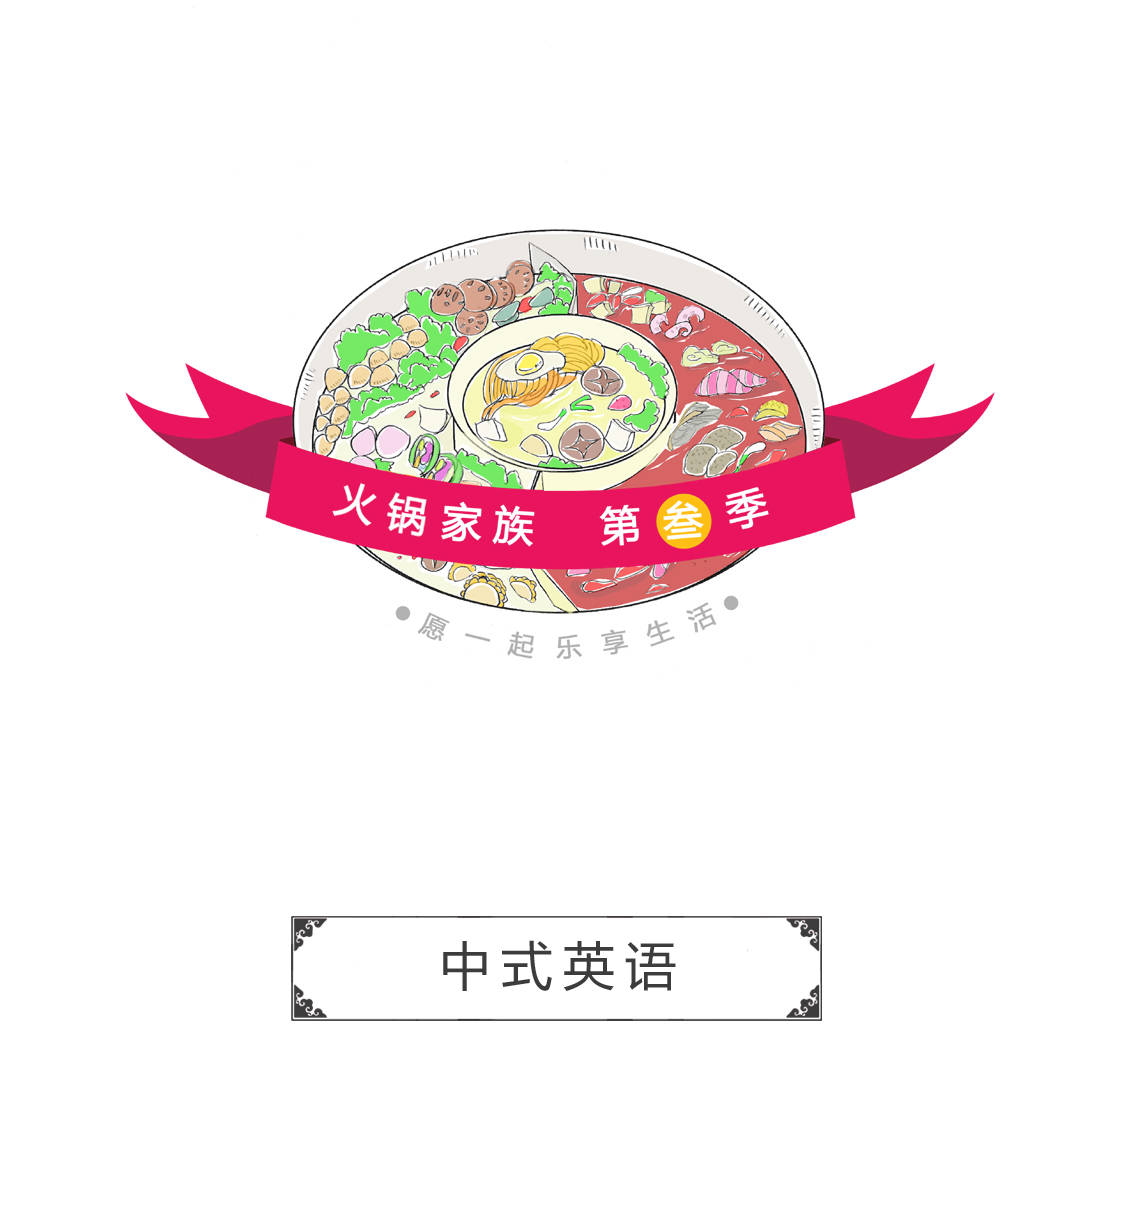 【火锅家族】:三个小孩在聊天,用的是中式英语